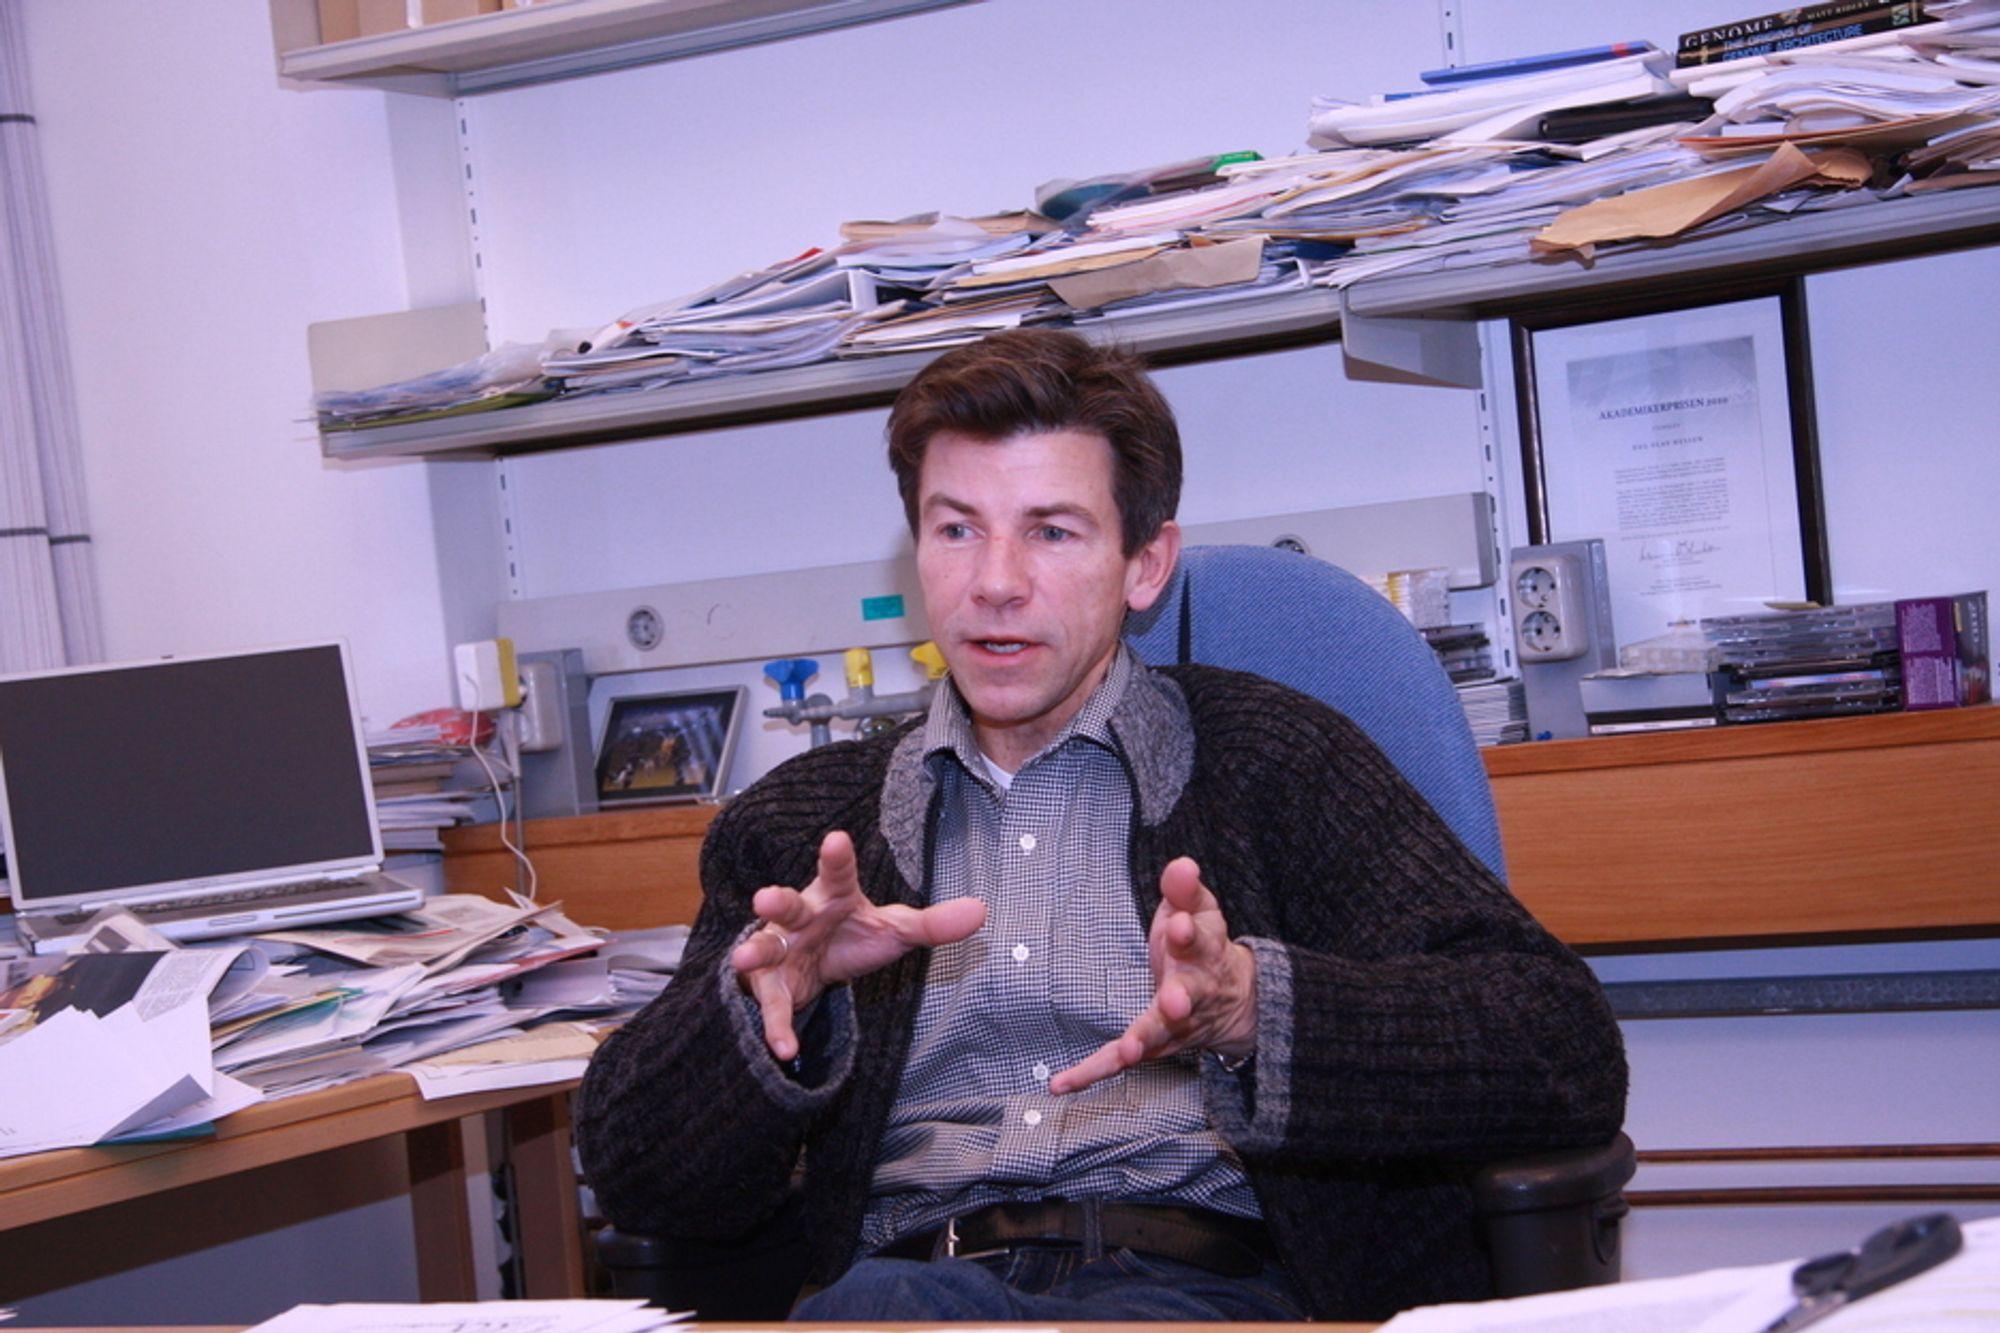 Jorda vil neppe få oppleve en ny intelligent livsform om mennesket blir borte, sier biologiprofessor Dag Hessen.